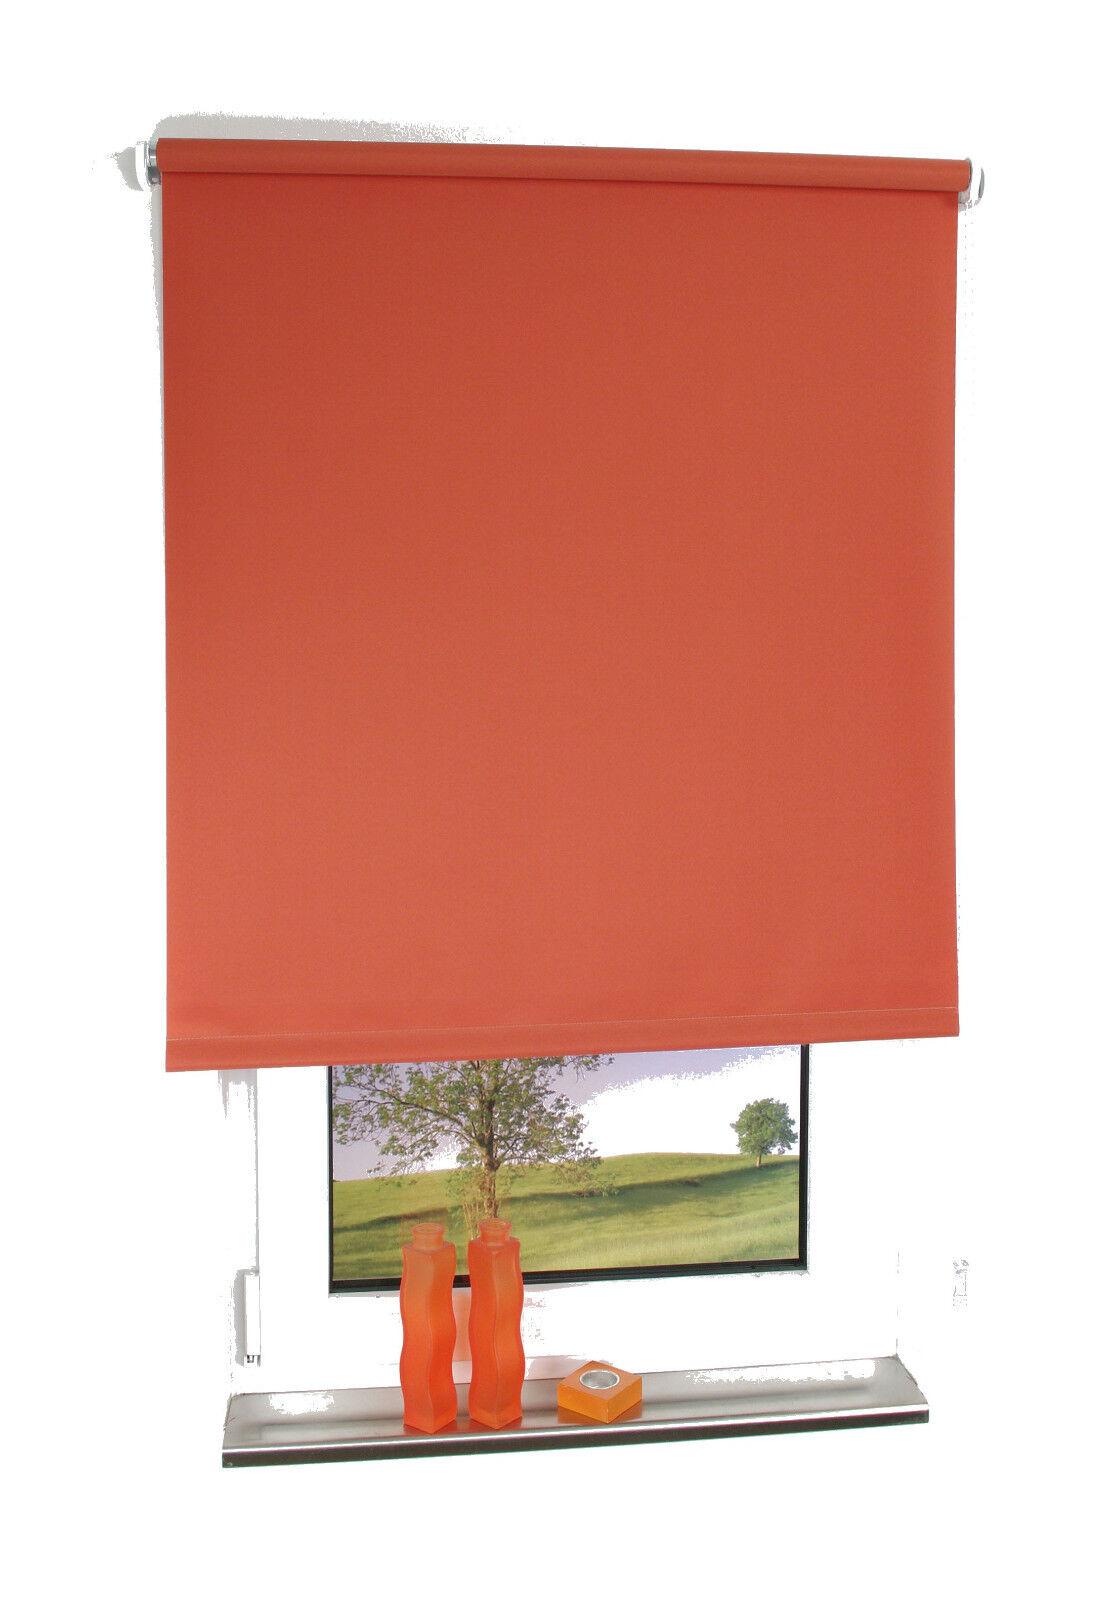 Kettenzugrollo Terracotta Seitenzugrollo Tür Fensterrollo Sichtschutz Sichtschutz Sichtschutz Dekoration | Professionelles Design  c4686e